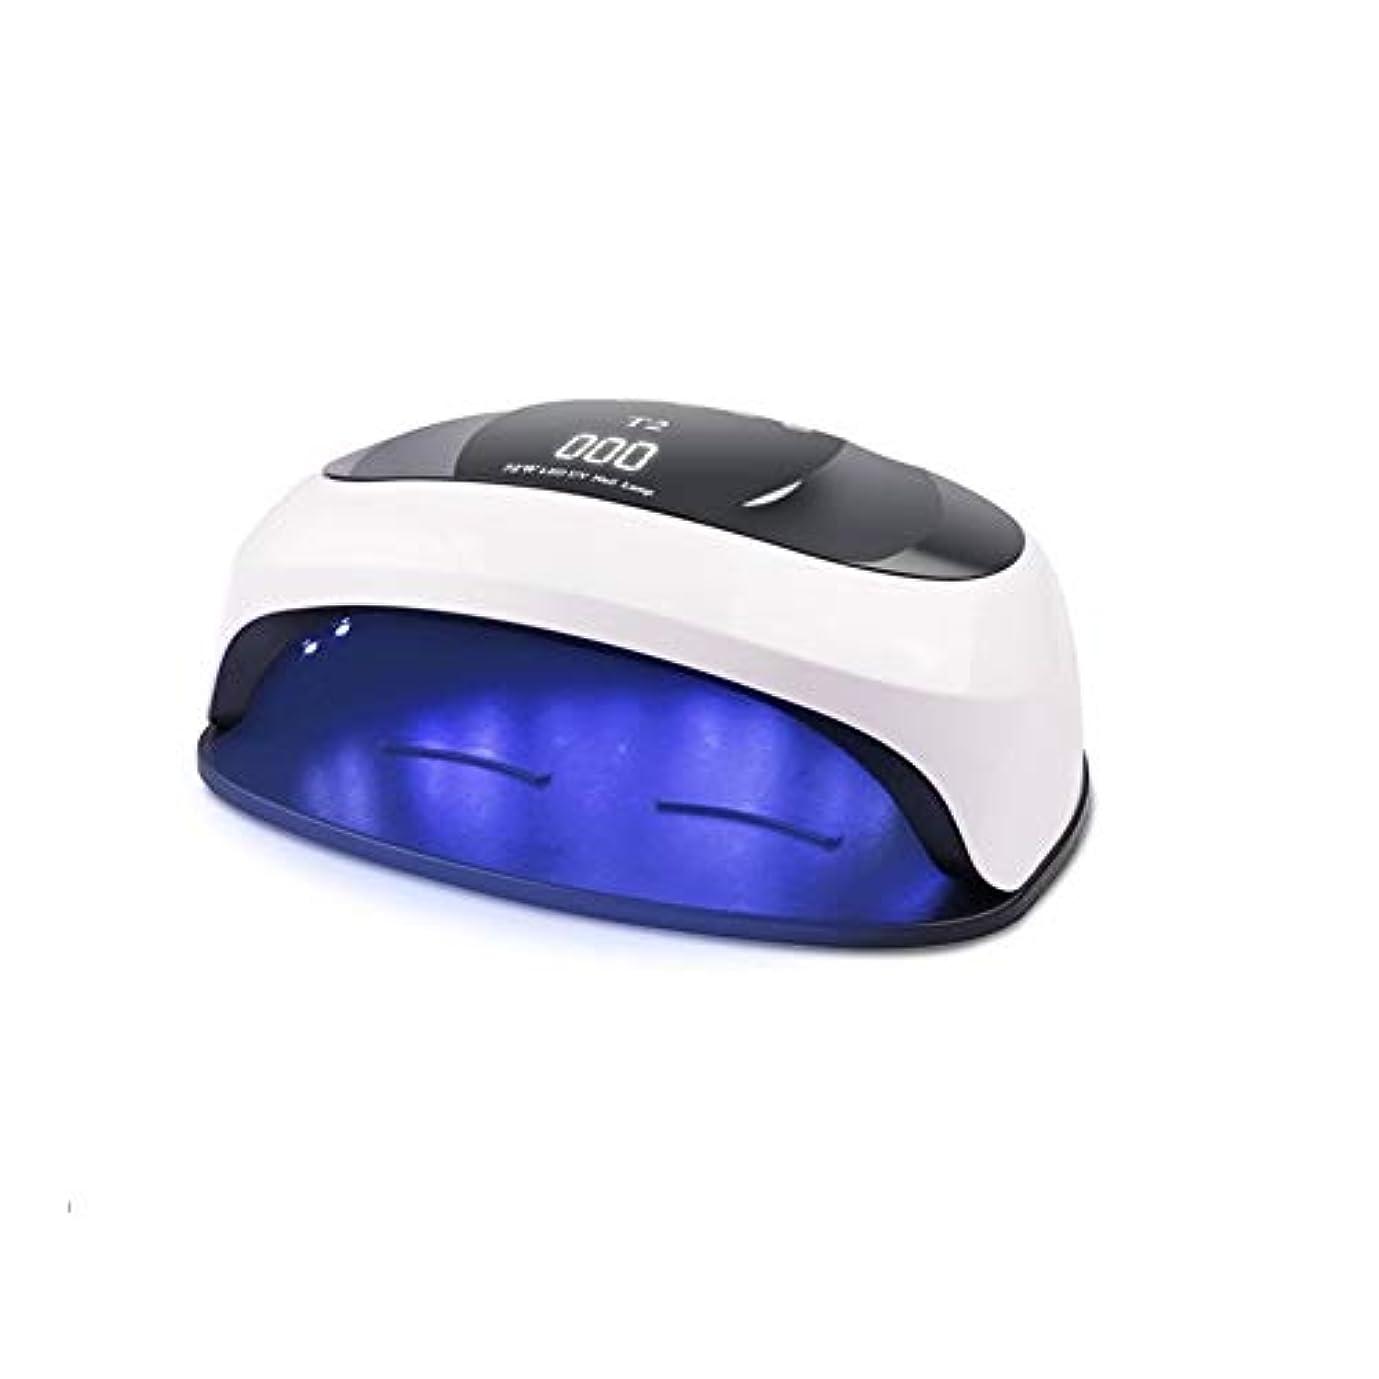 反響する麦芽基礎理論LittleCat マニキュアプラスチックライトセラピーマシンハンズヒートランプ点灯スマートセンサネイル (色 : Red beauty flat plug)